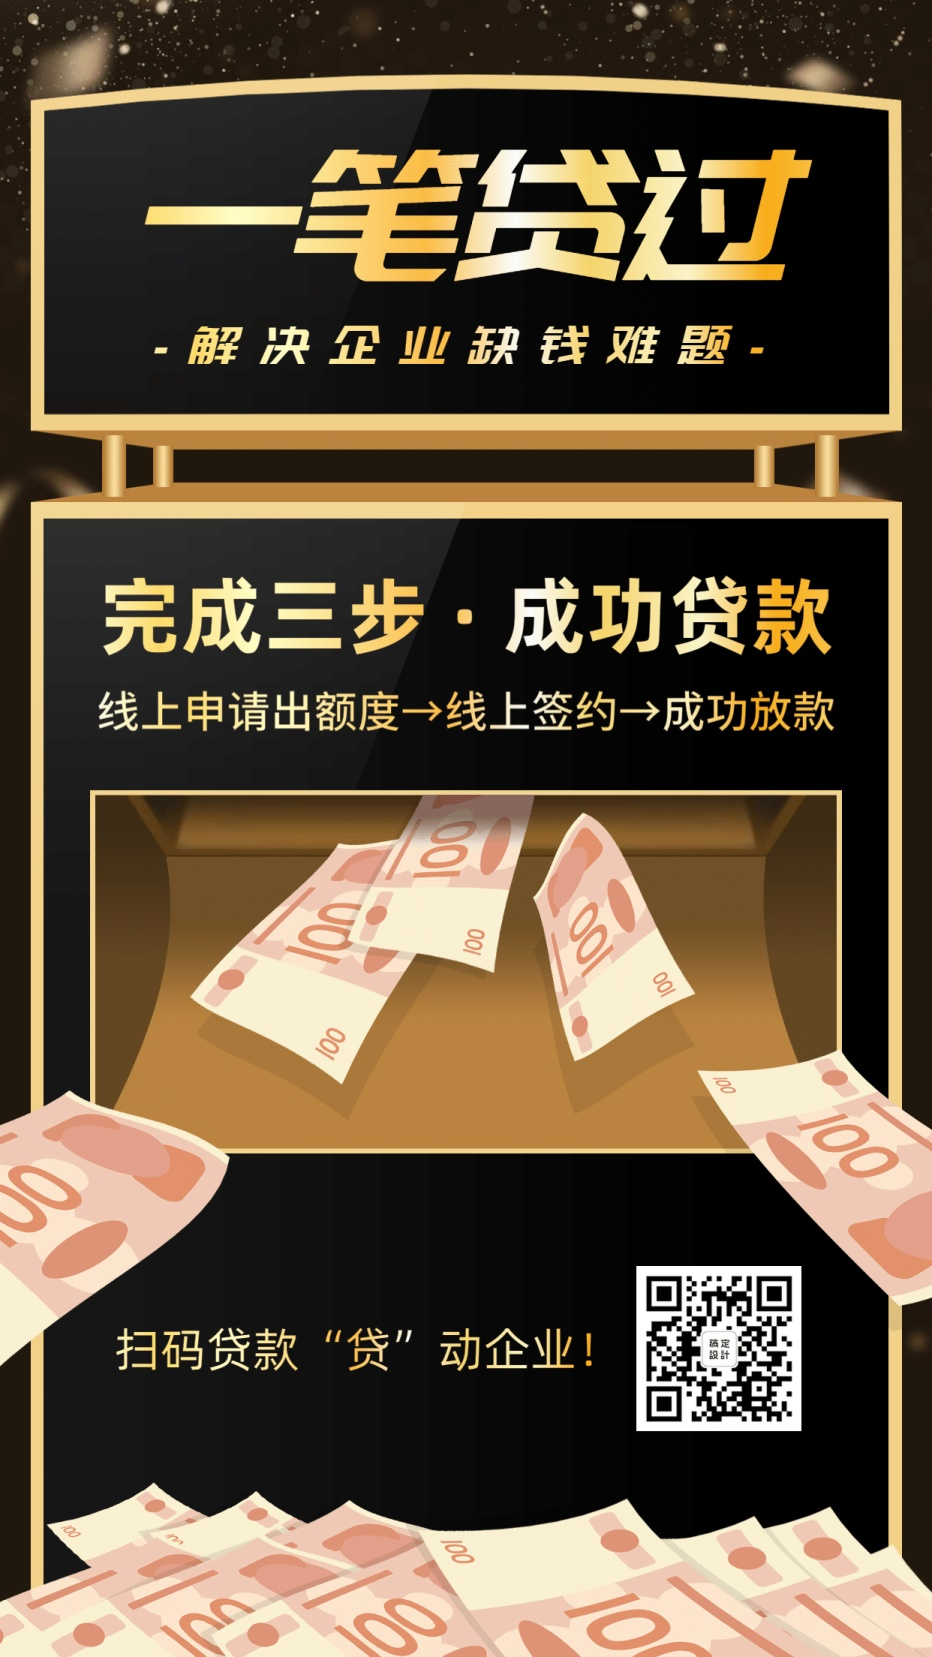 一笔贷款企业融资出钞机手绘海报